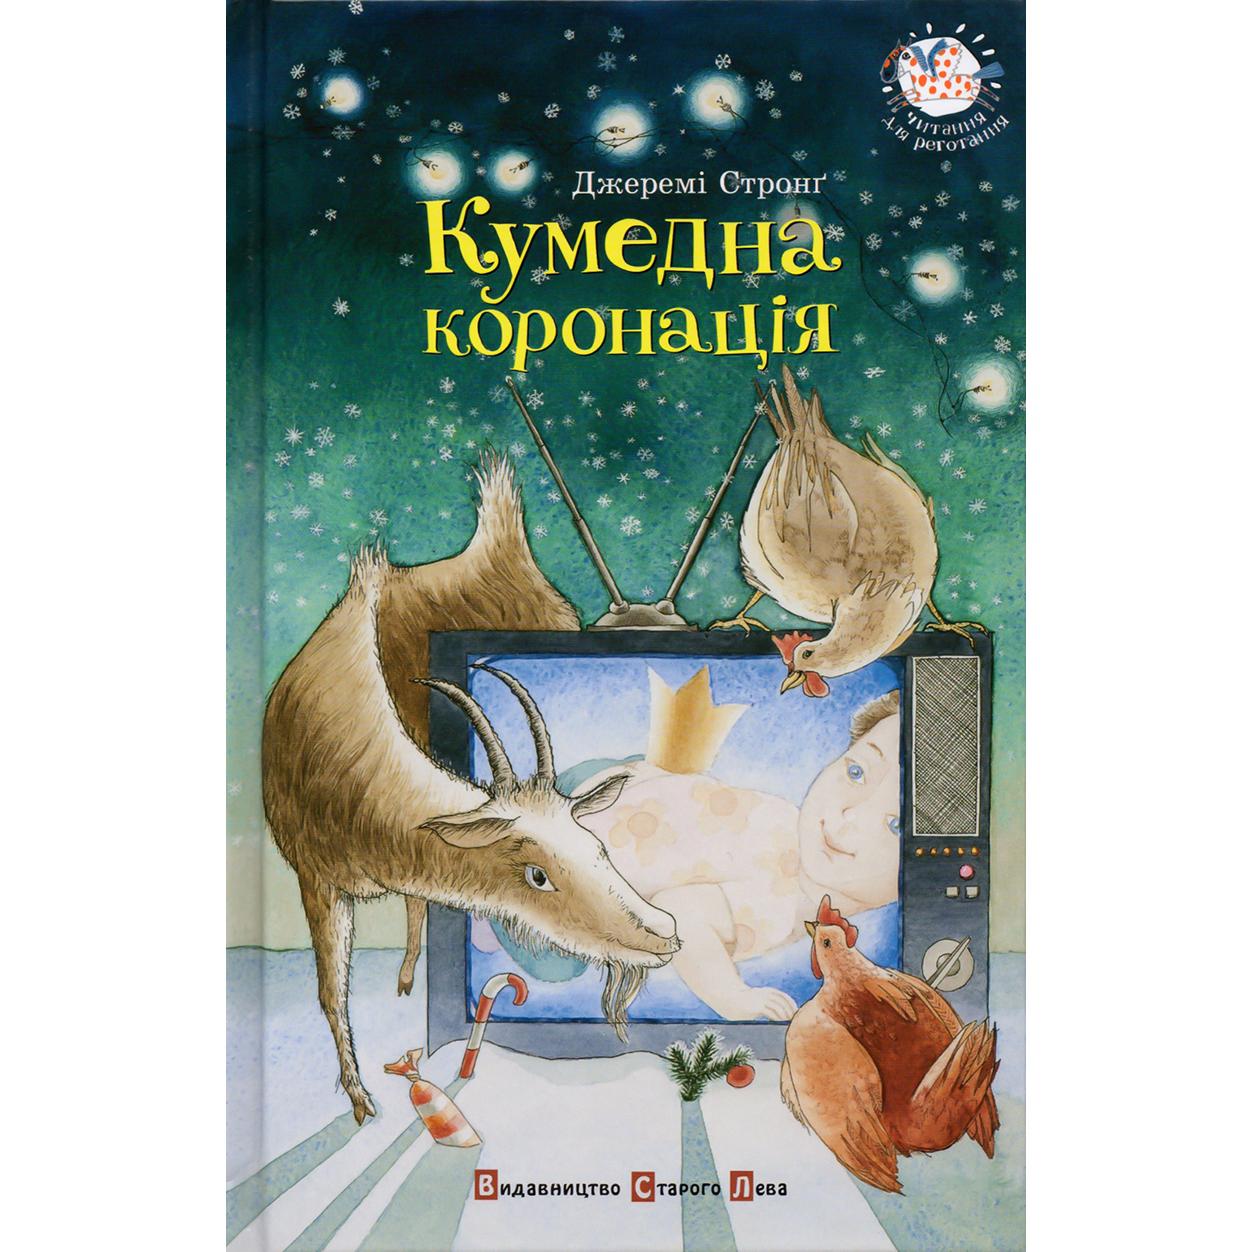 Купити дитячу книгу Кумедна коронація, Джеремі Стронґ, ВСЛ| Bukio